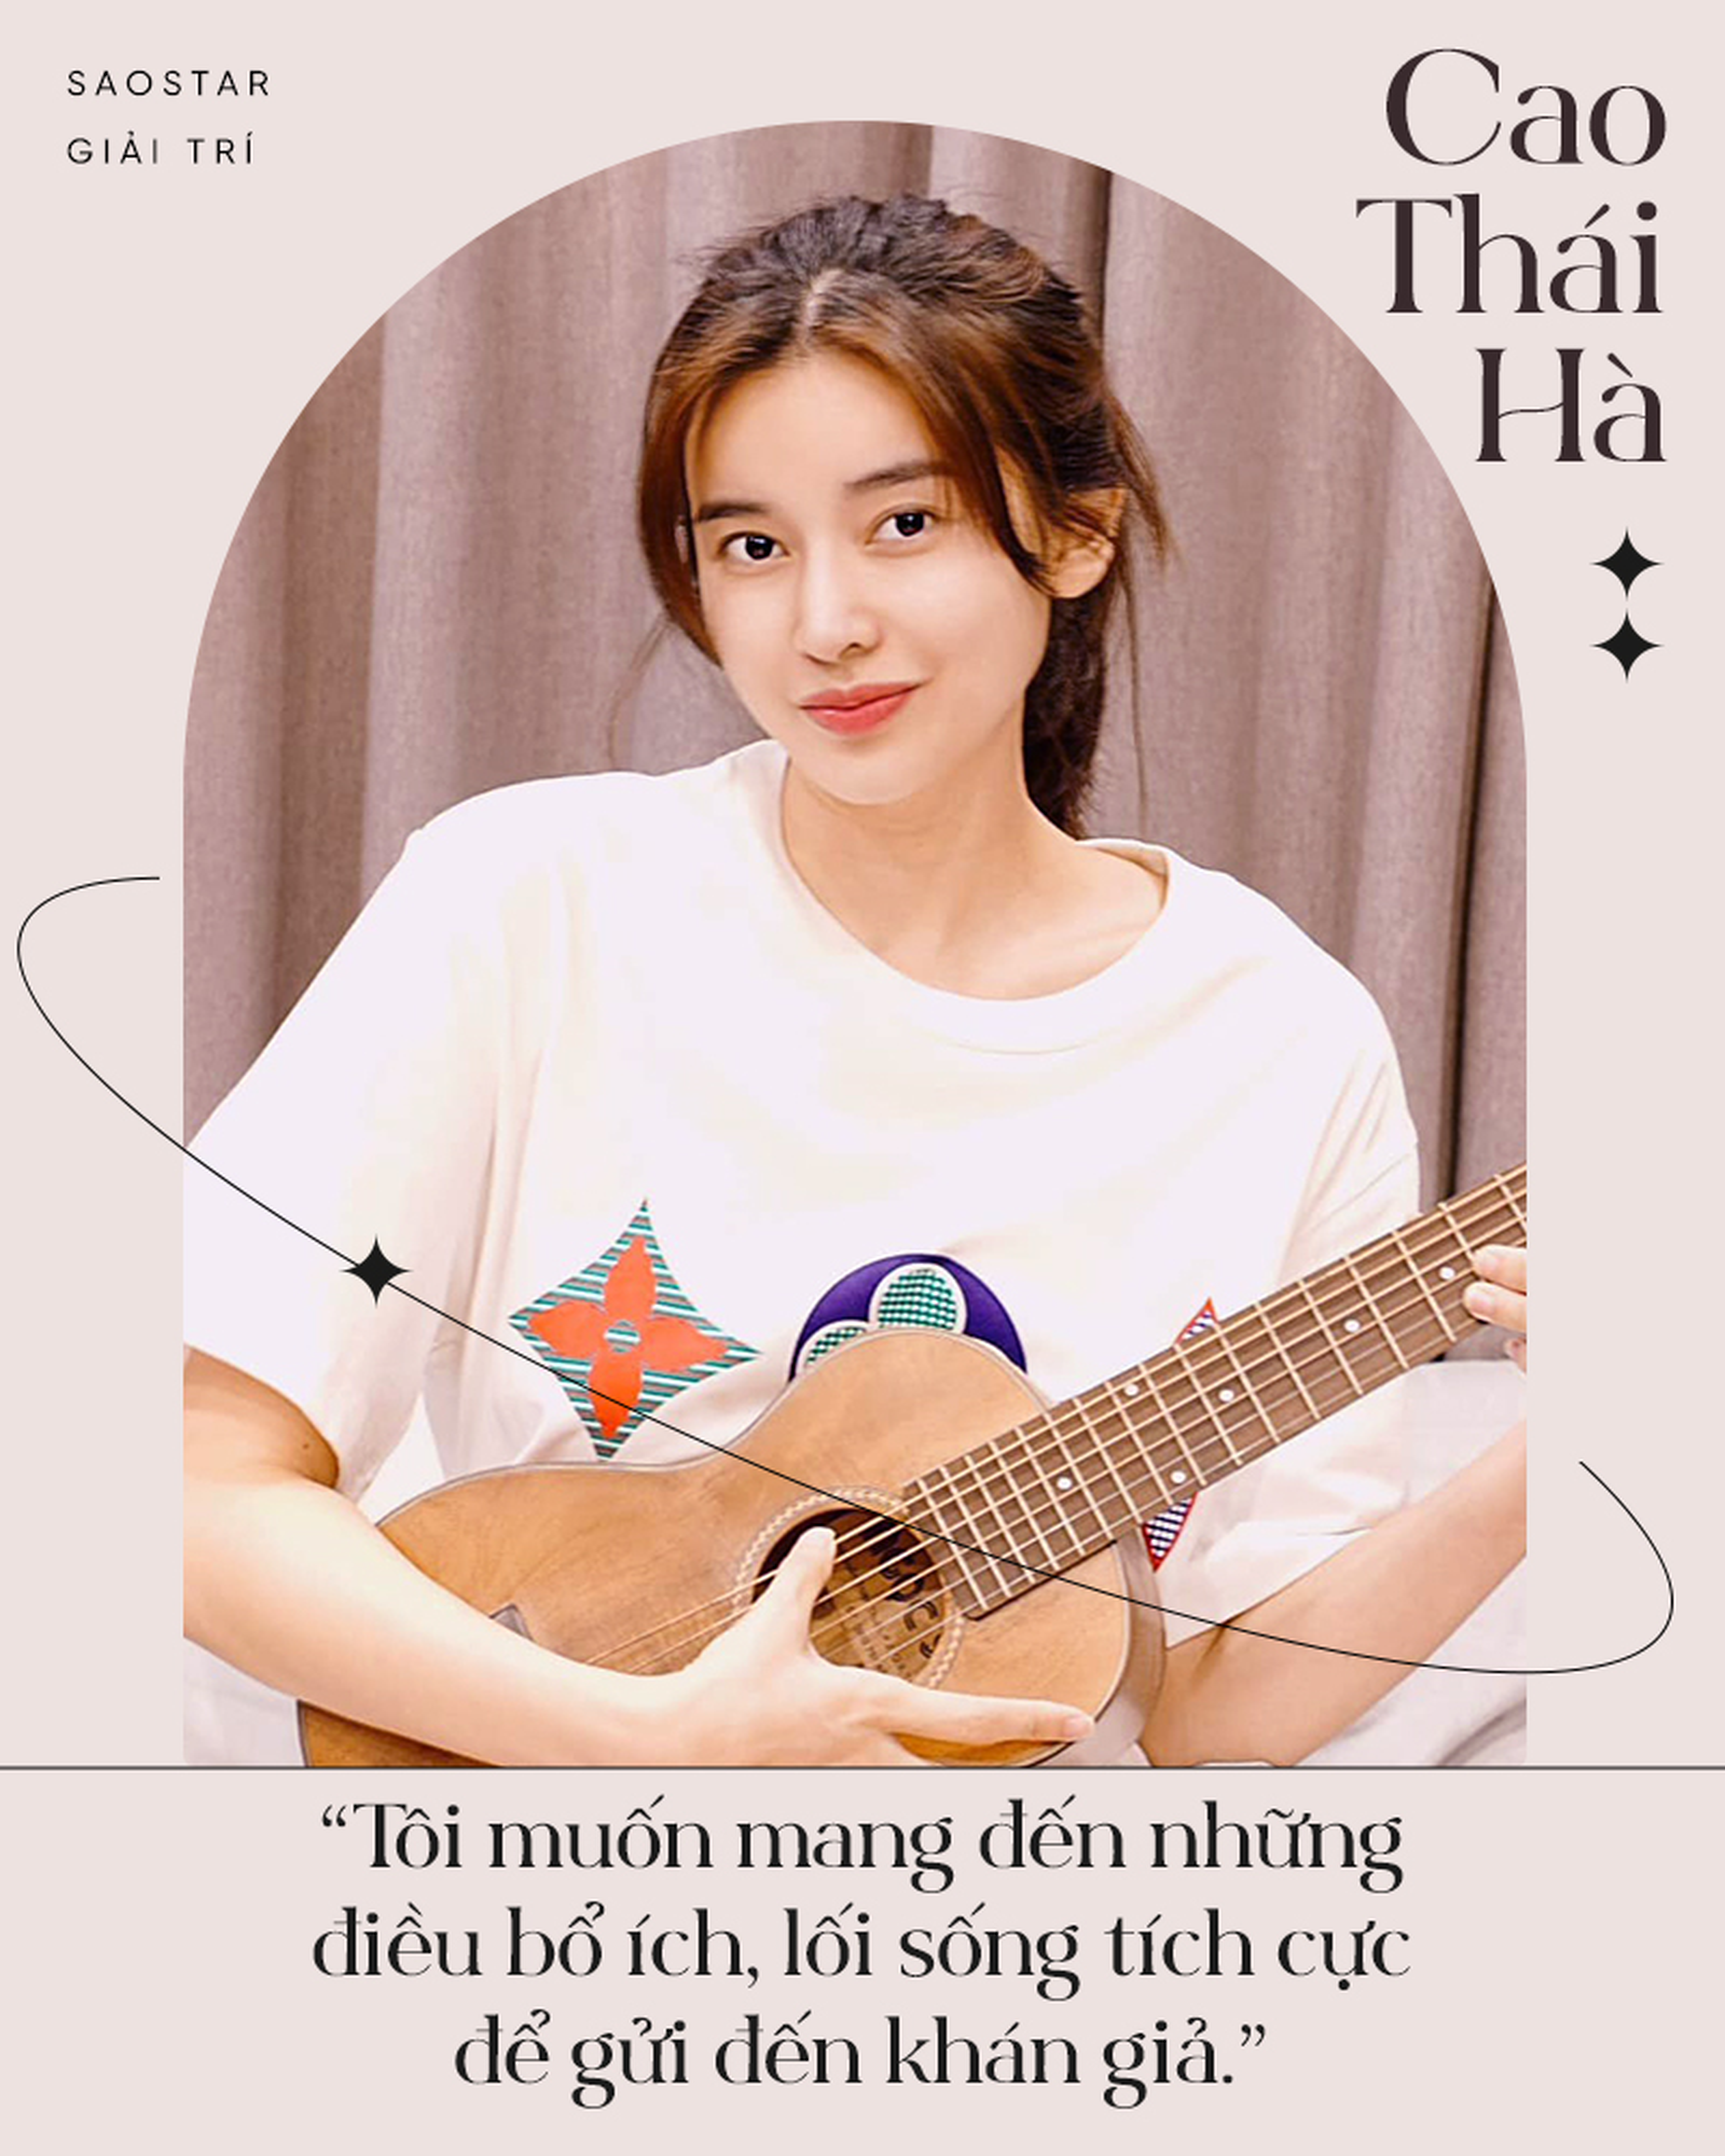 Cao Thái Hà: Chưa từng nghĩ phải vượt qua nỗi đau mất người thân, chọn sống tích cực để đối diện mọi thứ Ảnh 2